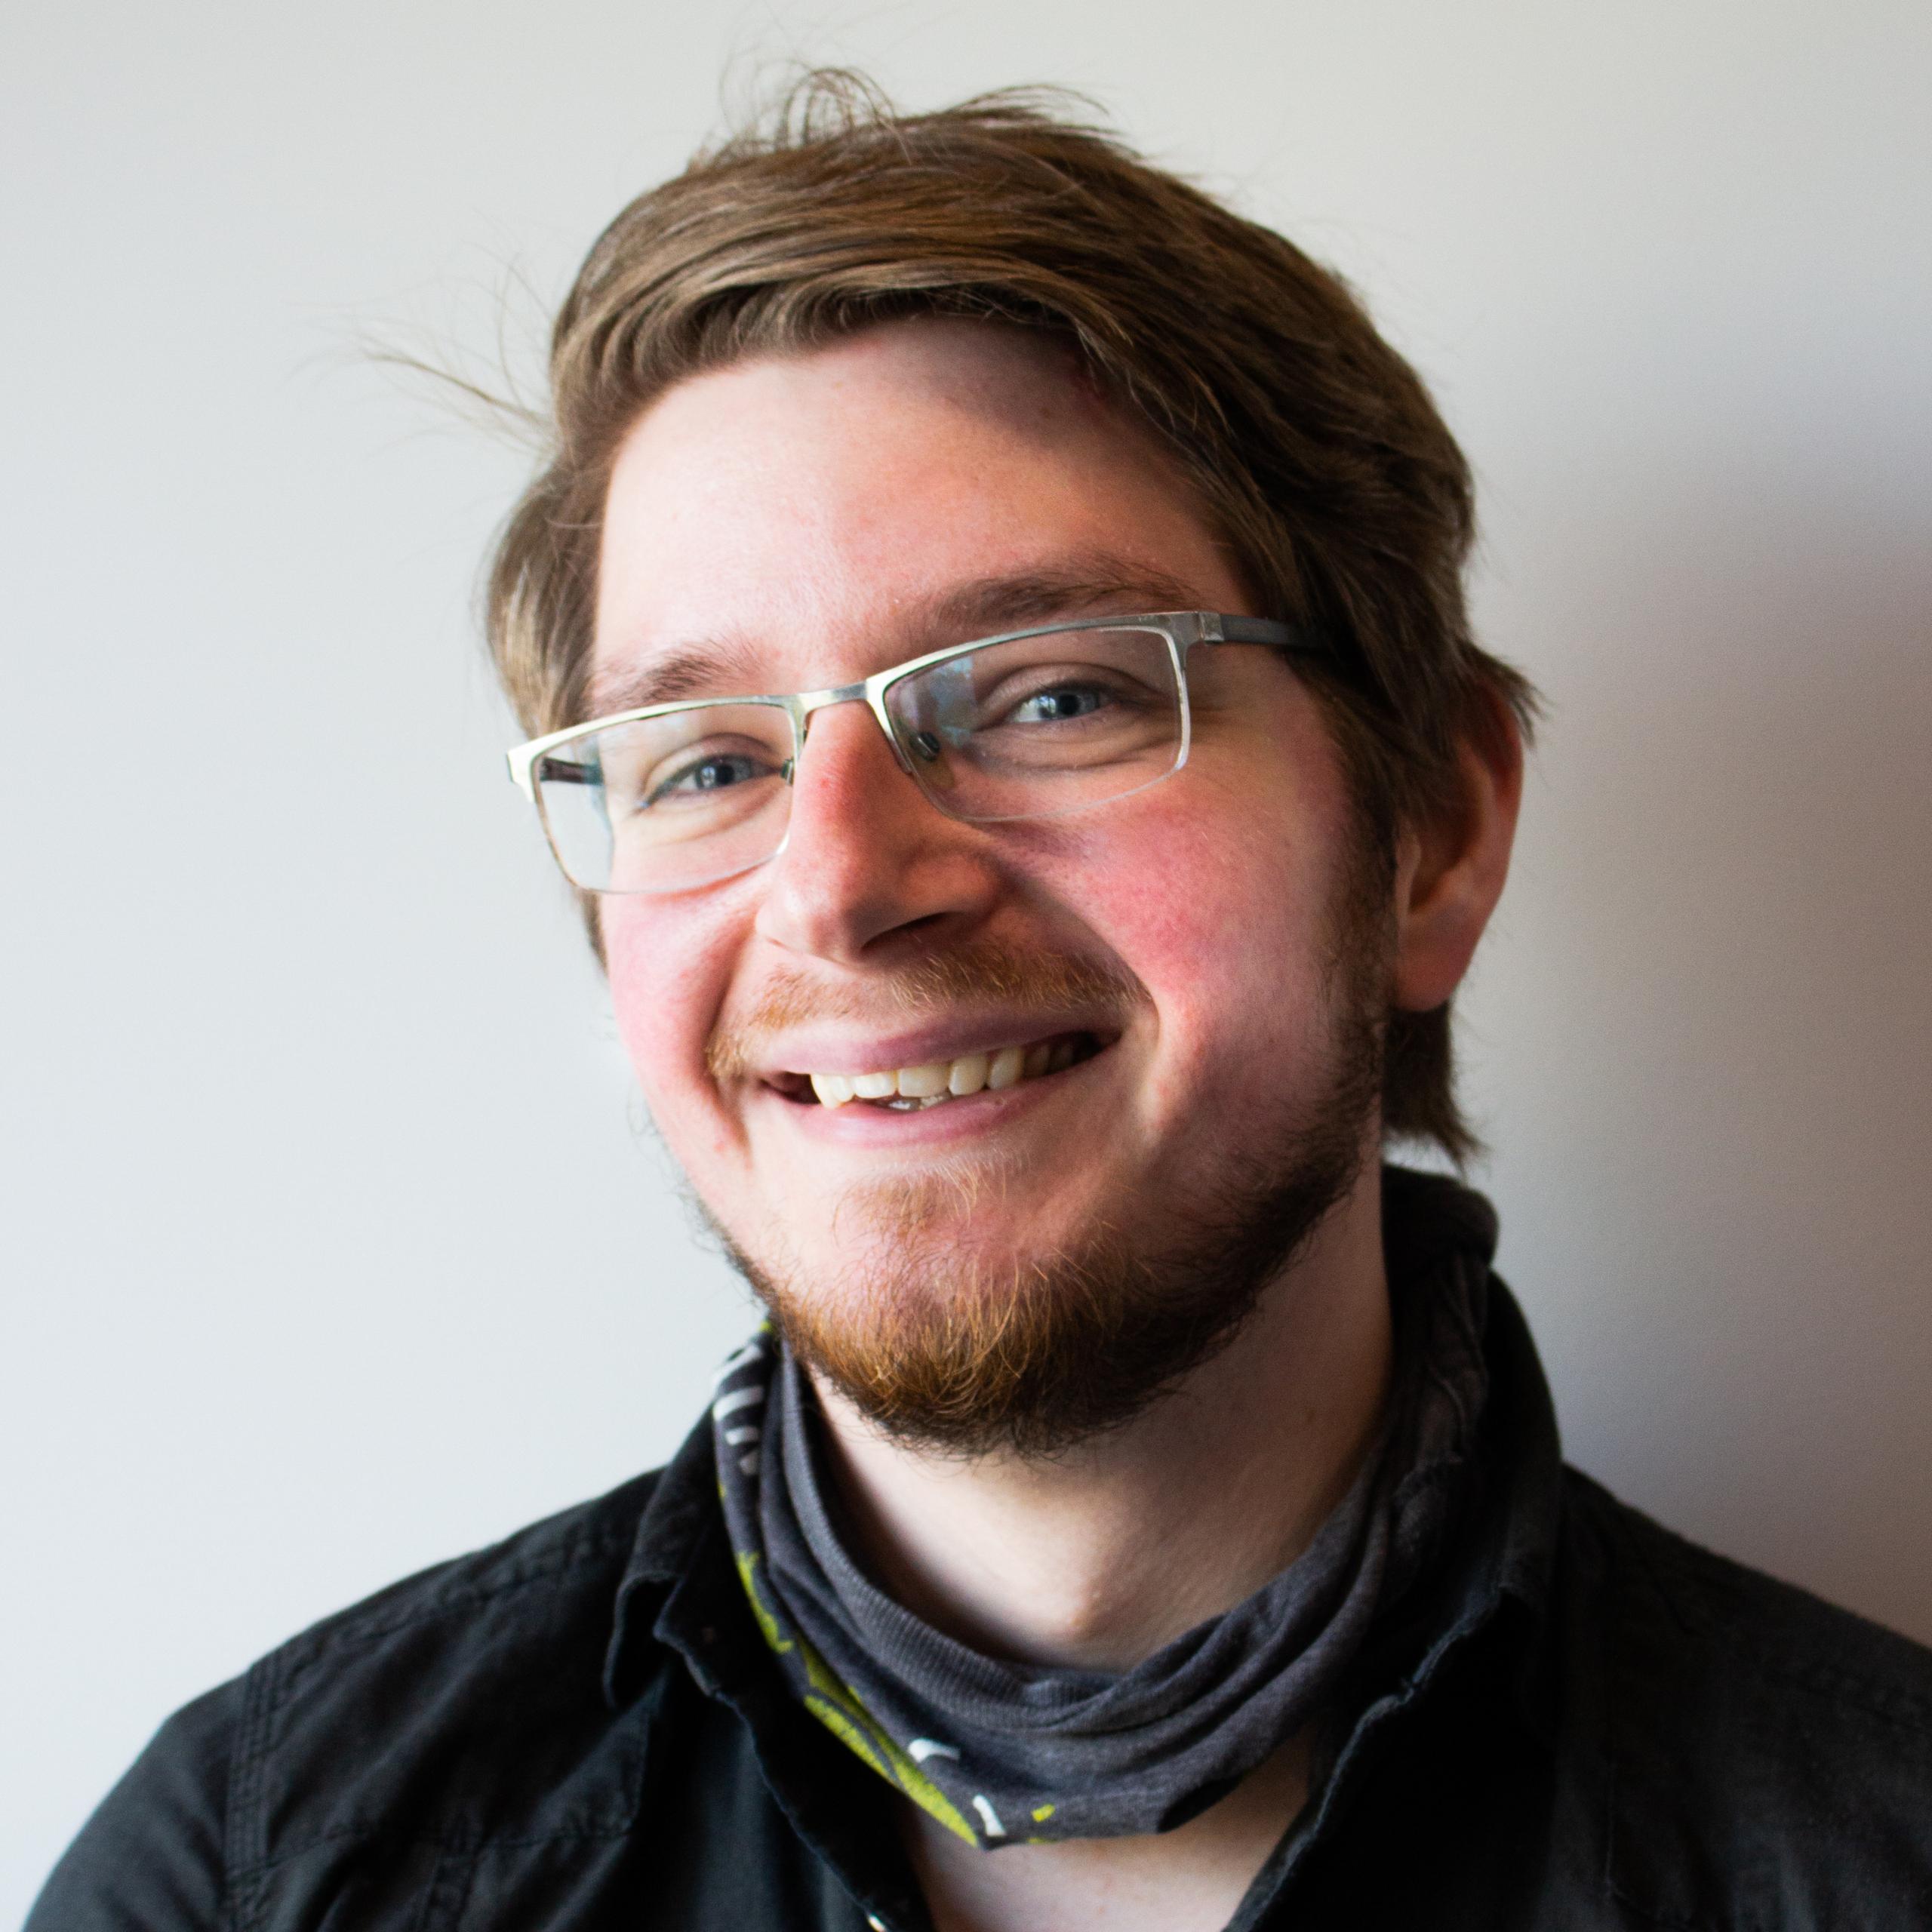 John Rosato<br /><small>Level Designer<br />at PCF Warsaw</small>